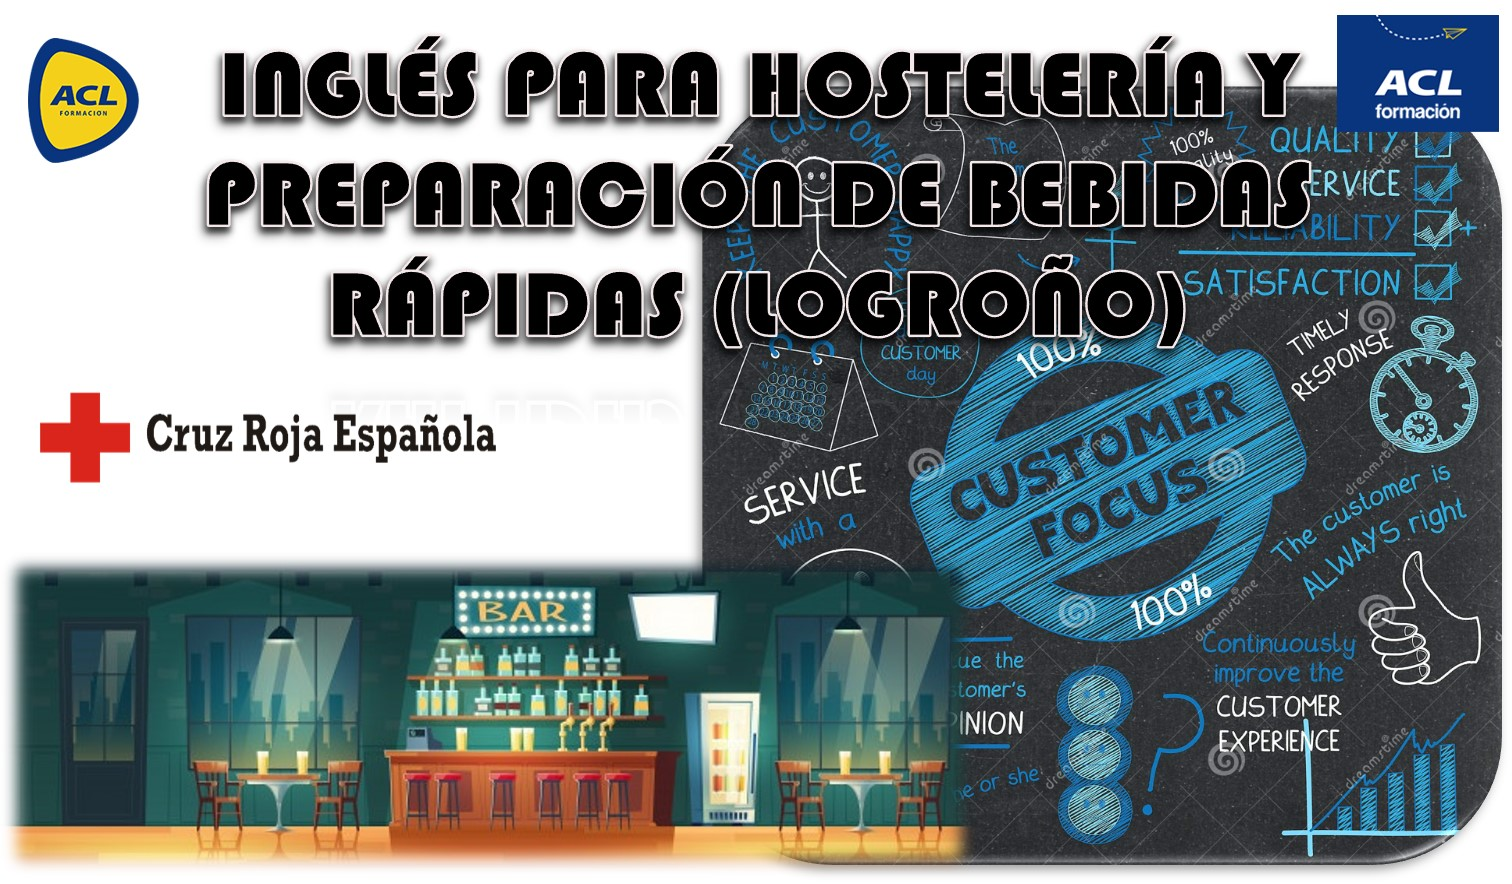 INGLÉS PARA HOSTELERÍA Y  PREPARACIÓN DE BEBIDAS RÁPIDAS